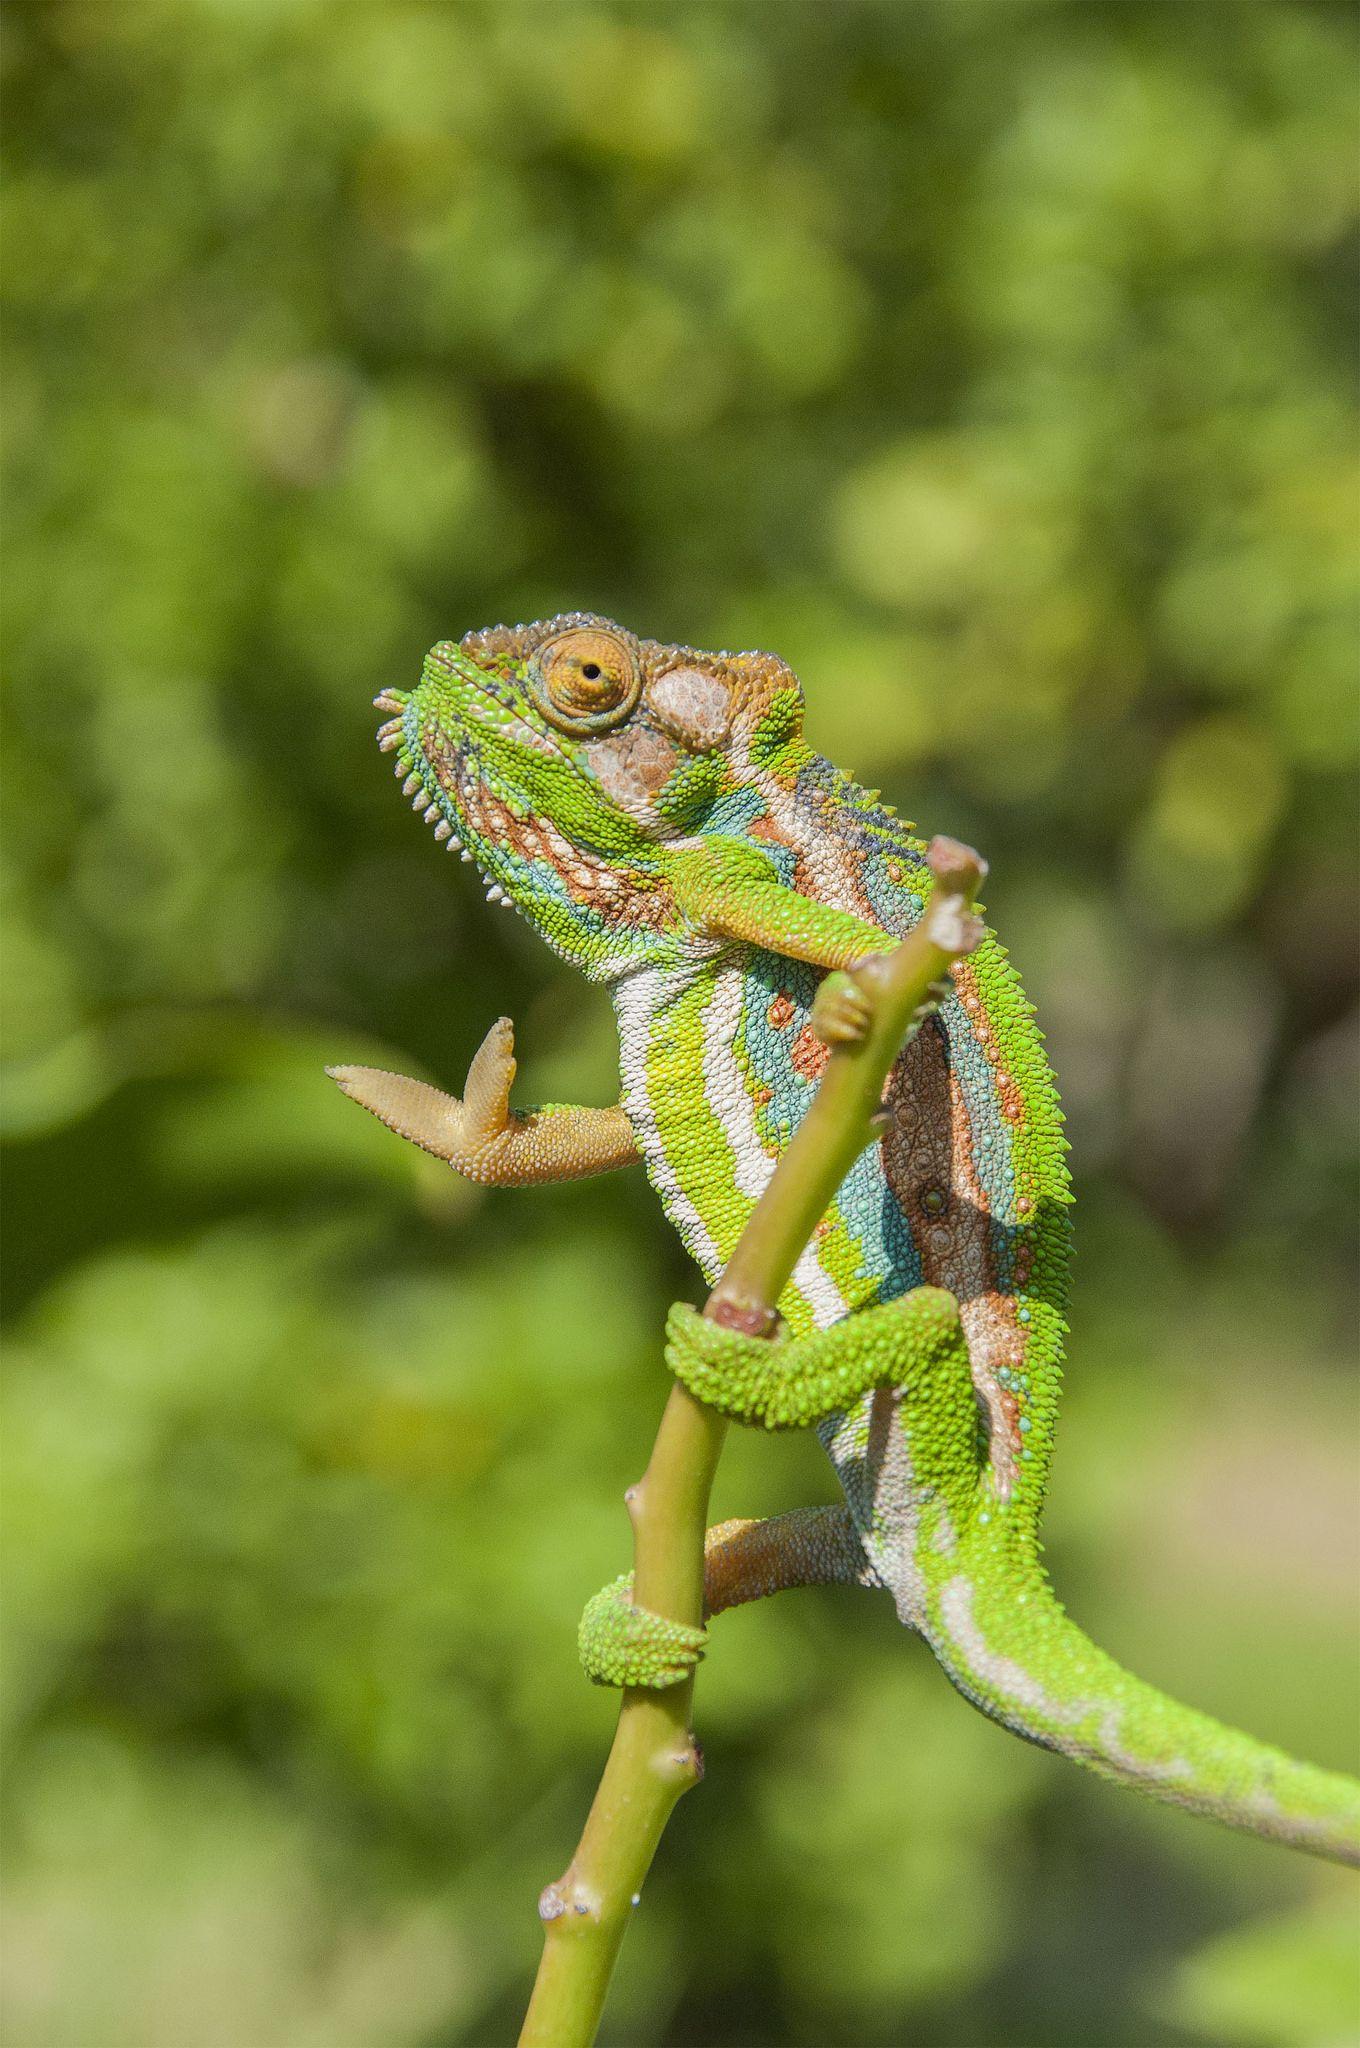 https://flic.kr/p/qHBD5S | chameleon | The Cape dwarf chameleon Bradypodion pumilum